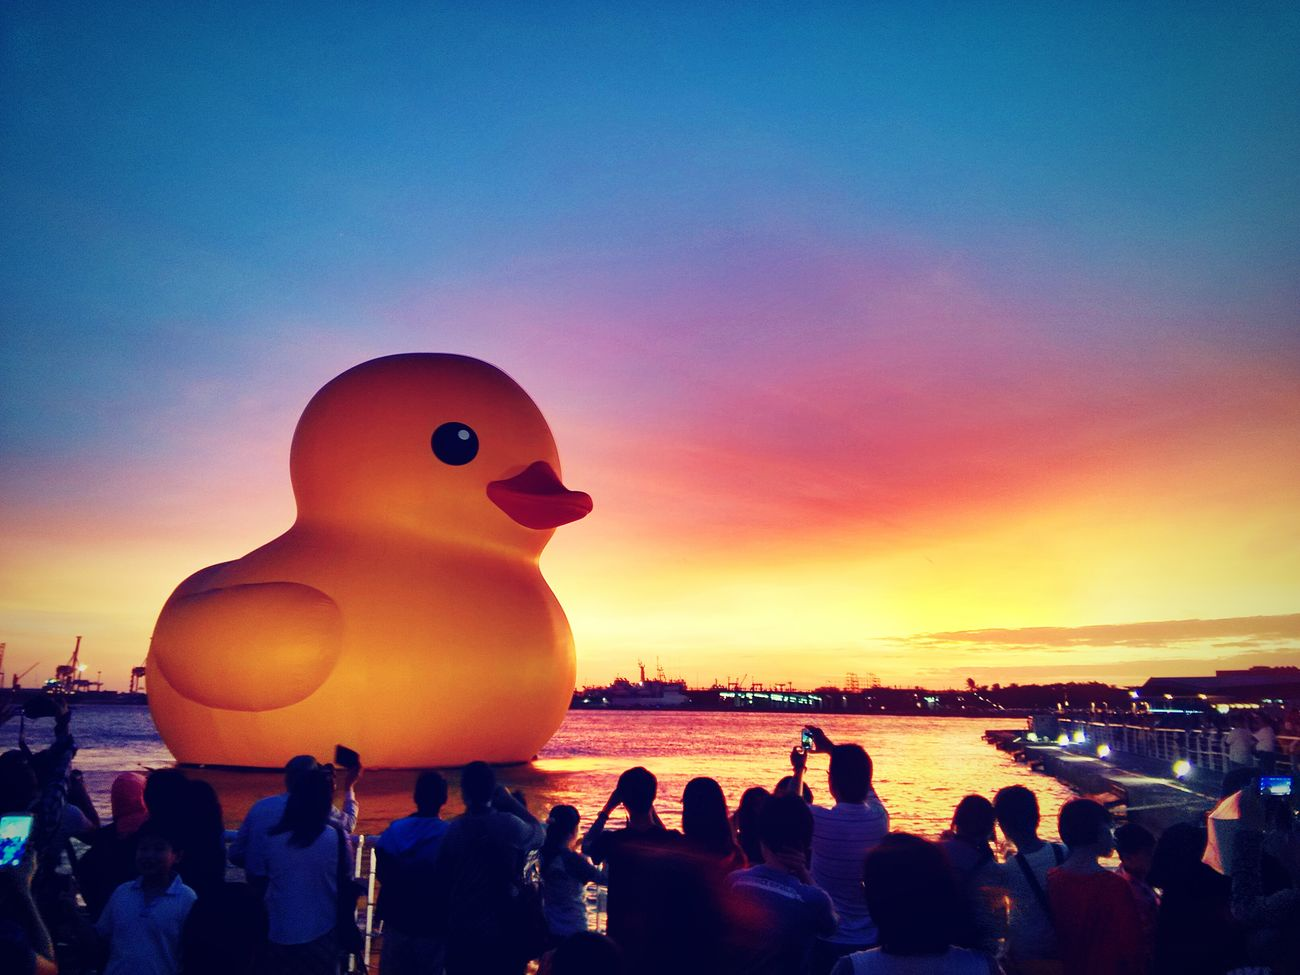 那年火燒雲下的黃色小鴨   Rubber duck bathed with crimson clouds in Kaohsiung. Kaohsiung, Taiwan Rubber Duck Landscape Relaxing Xiaomi 2s Hdr_Collection